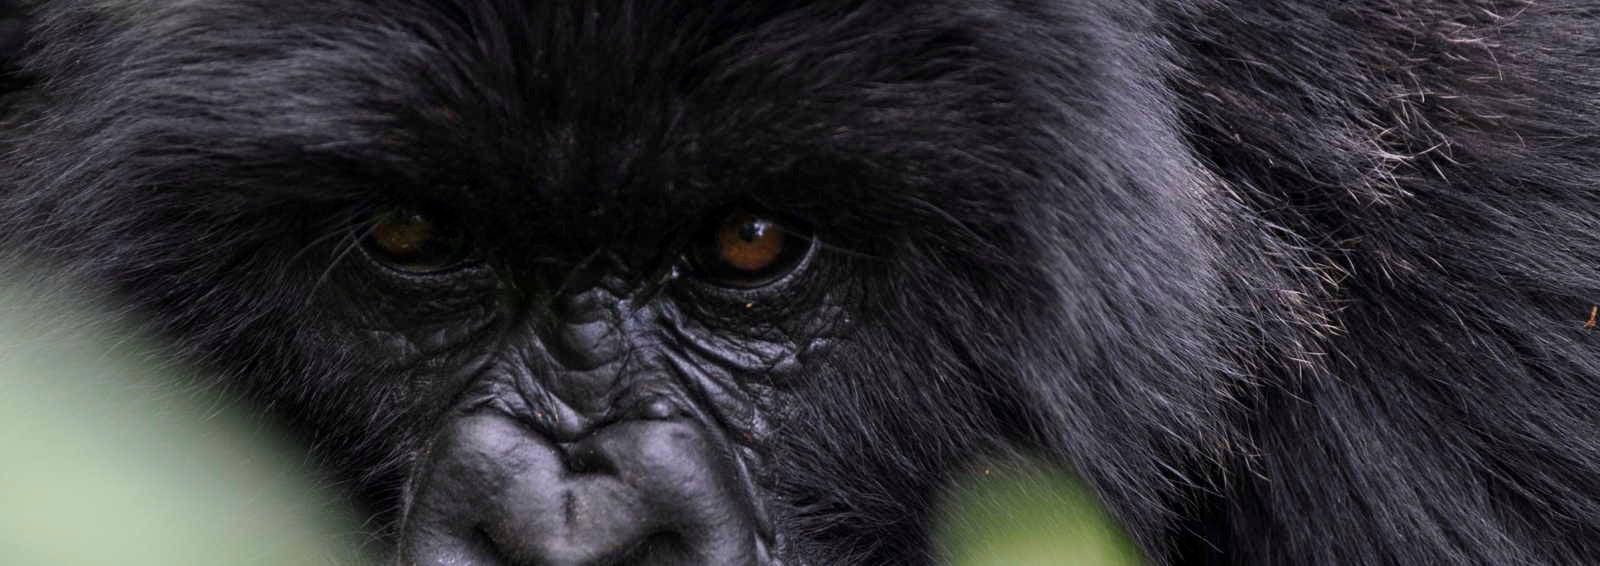 Mountain gorilla, Rwanda